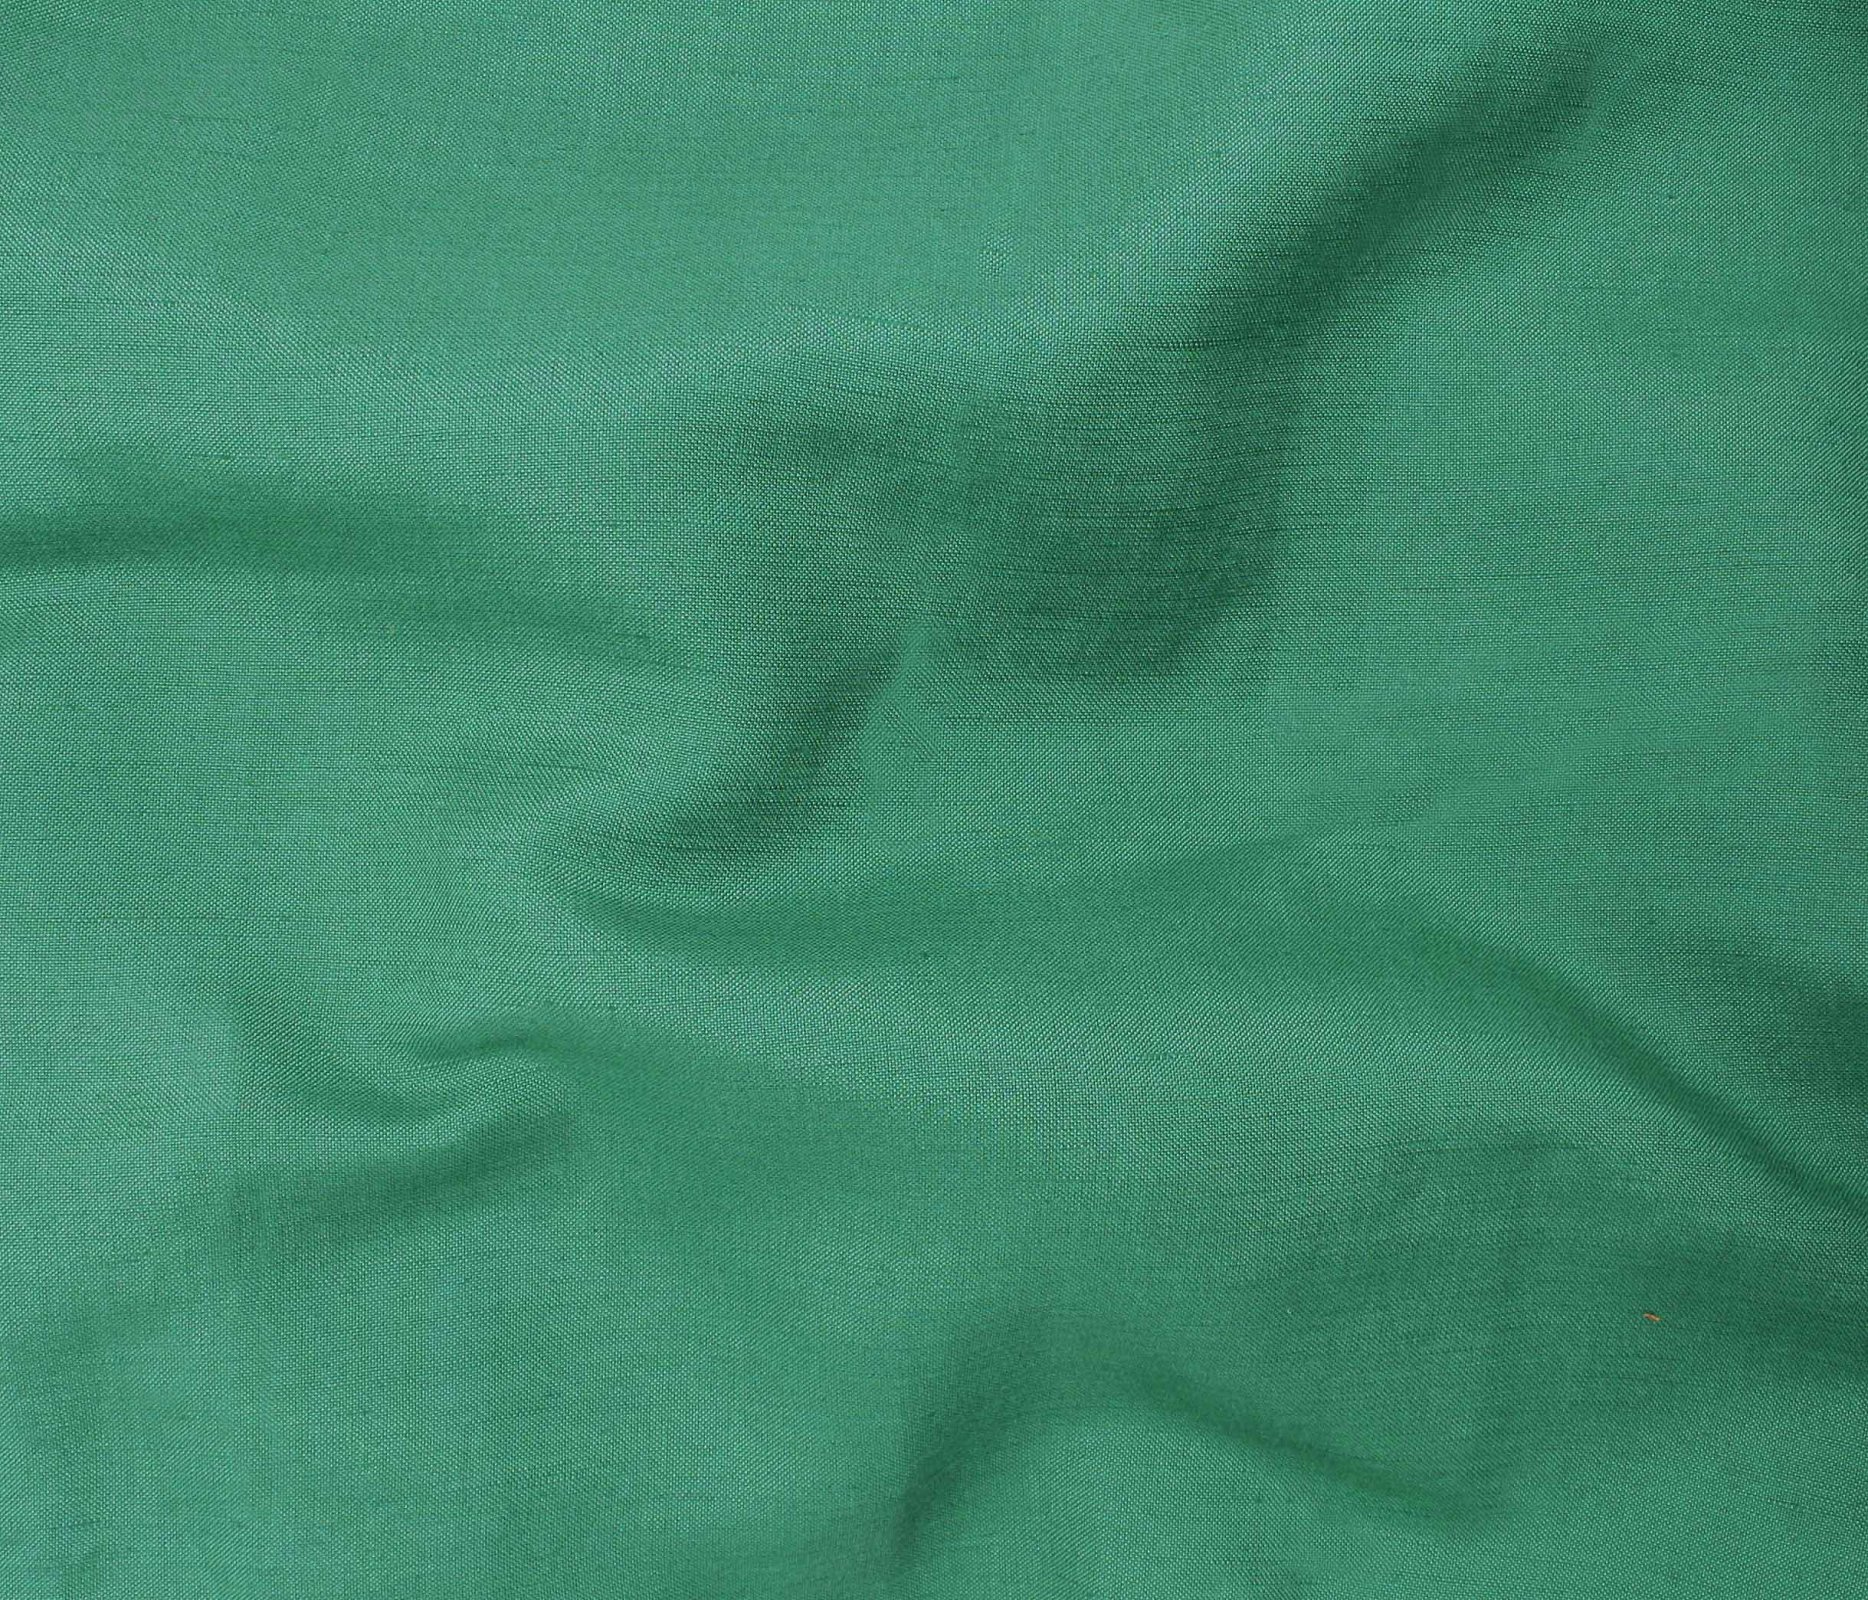 Cezanne Linen/Viscose - Eucalyptus